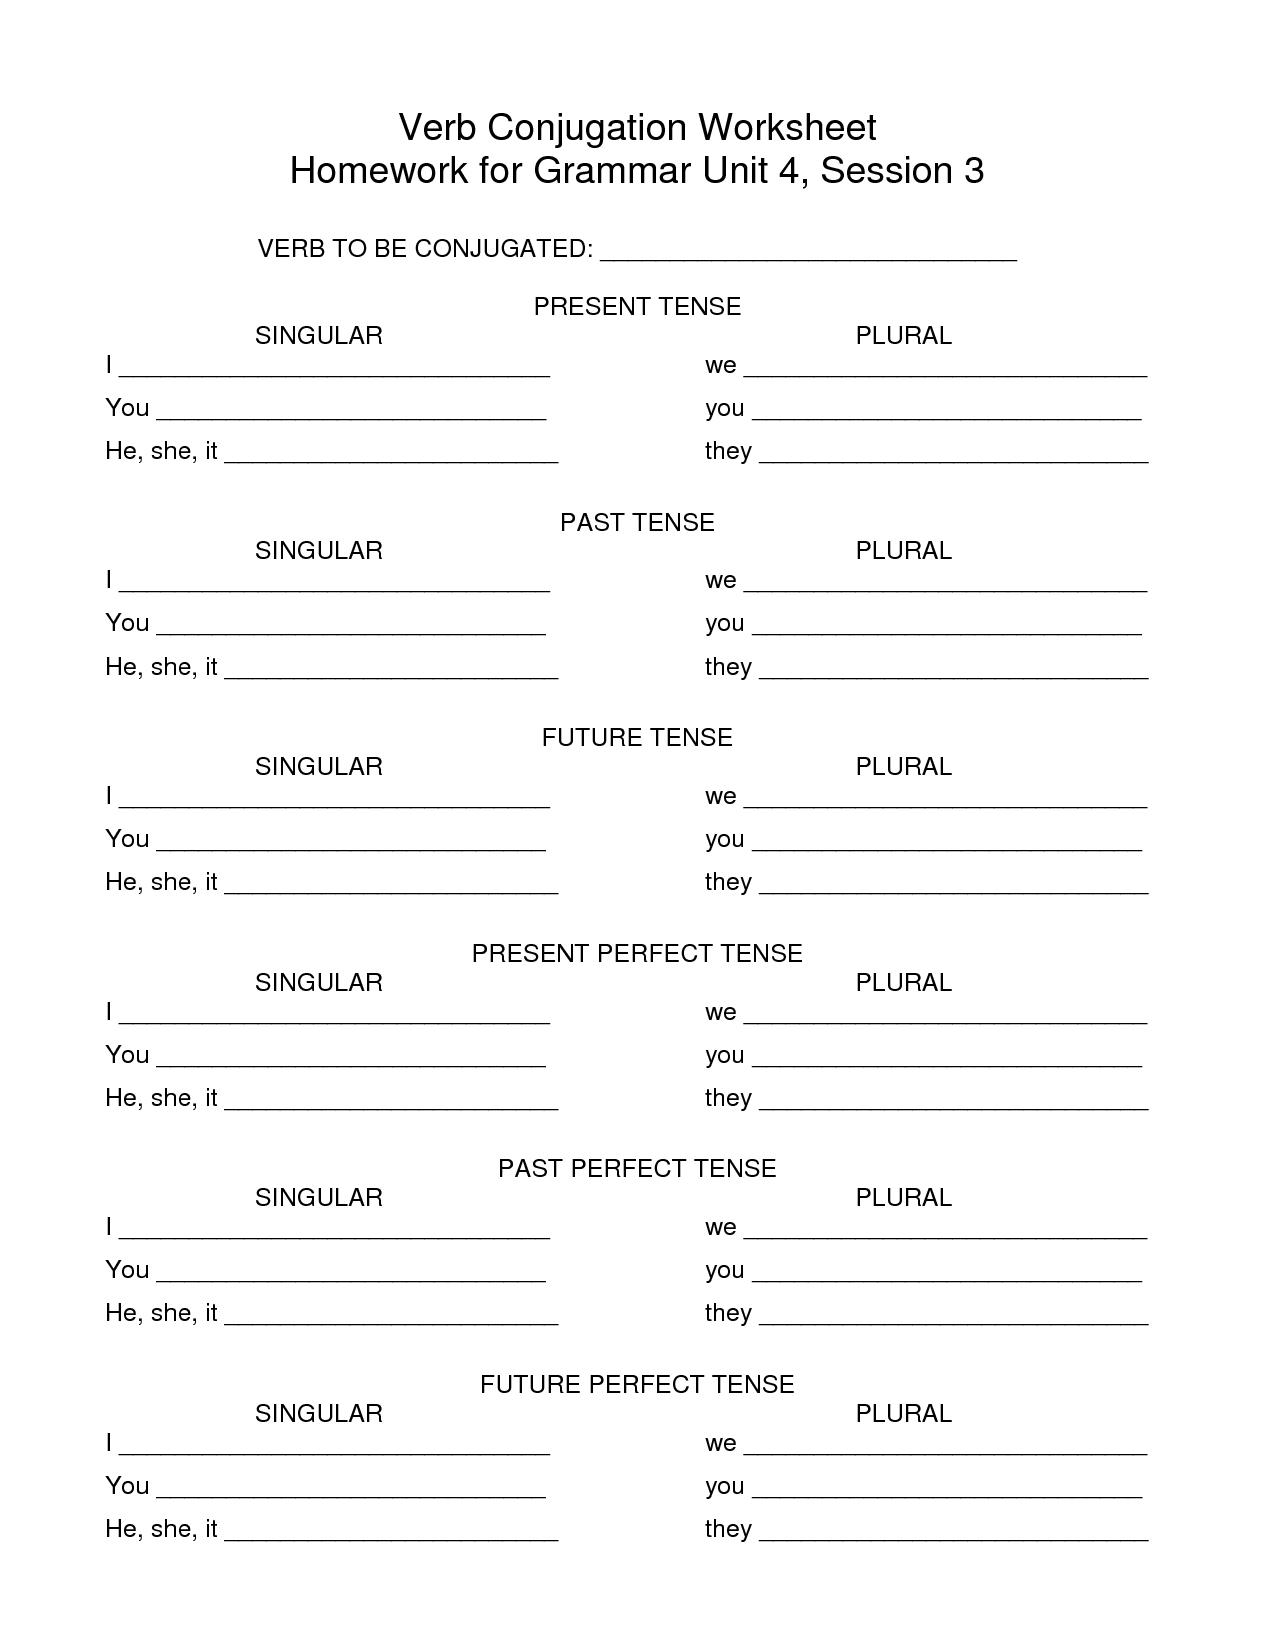 19 Best Images Of Conjugation Worksheets Printable